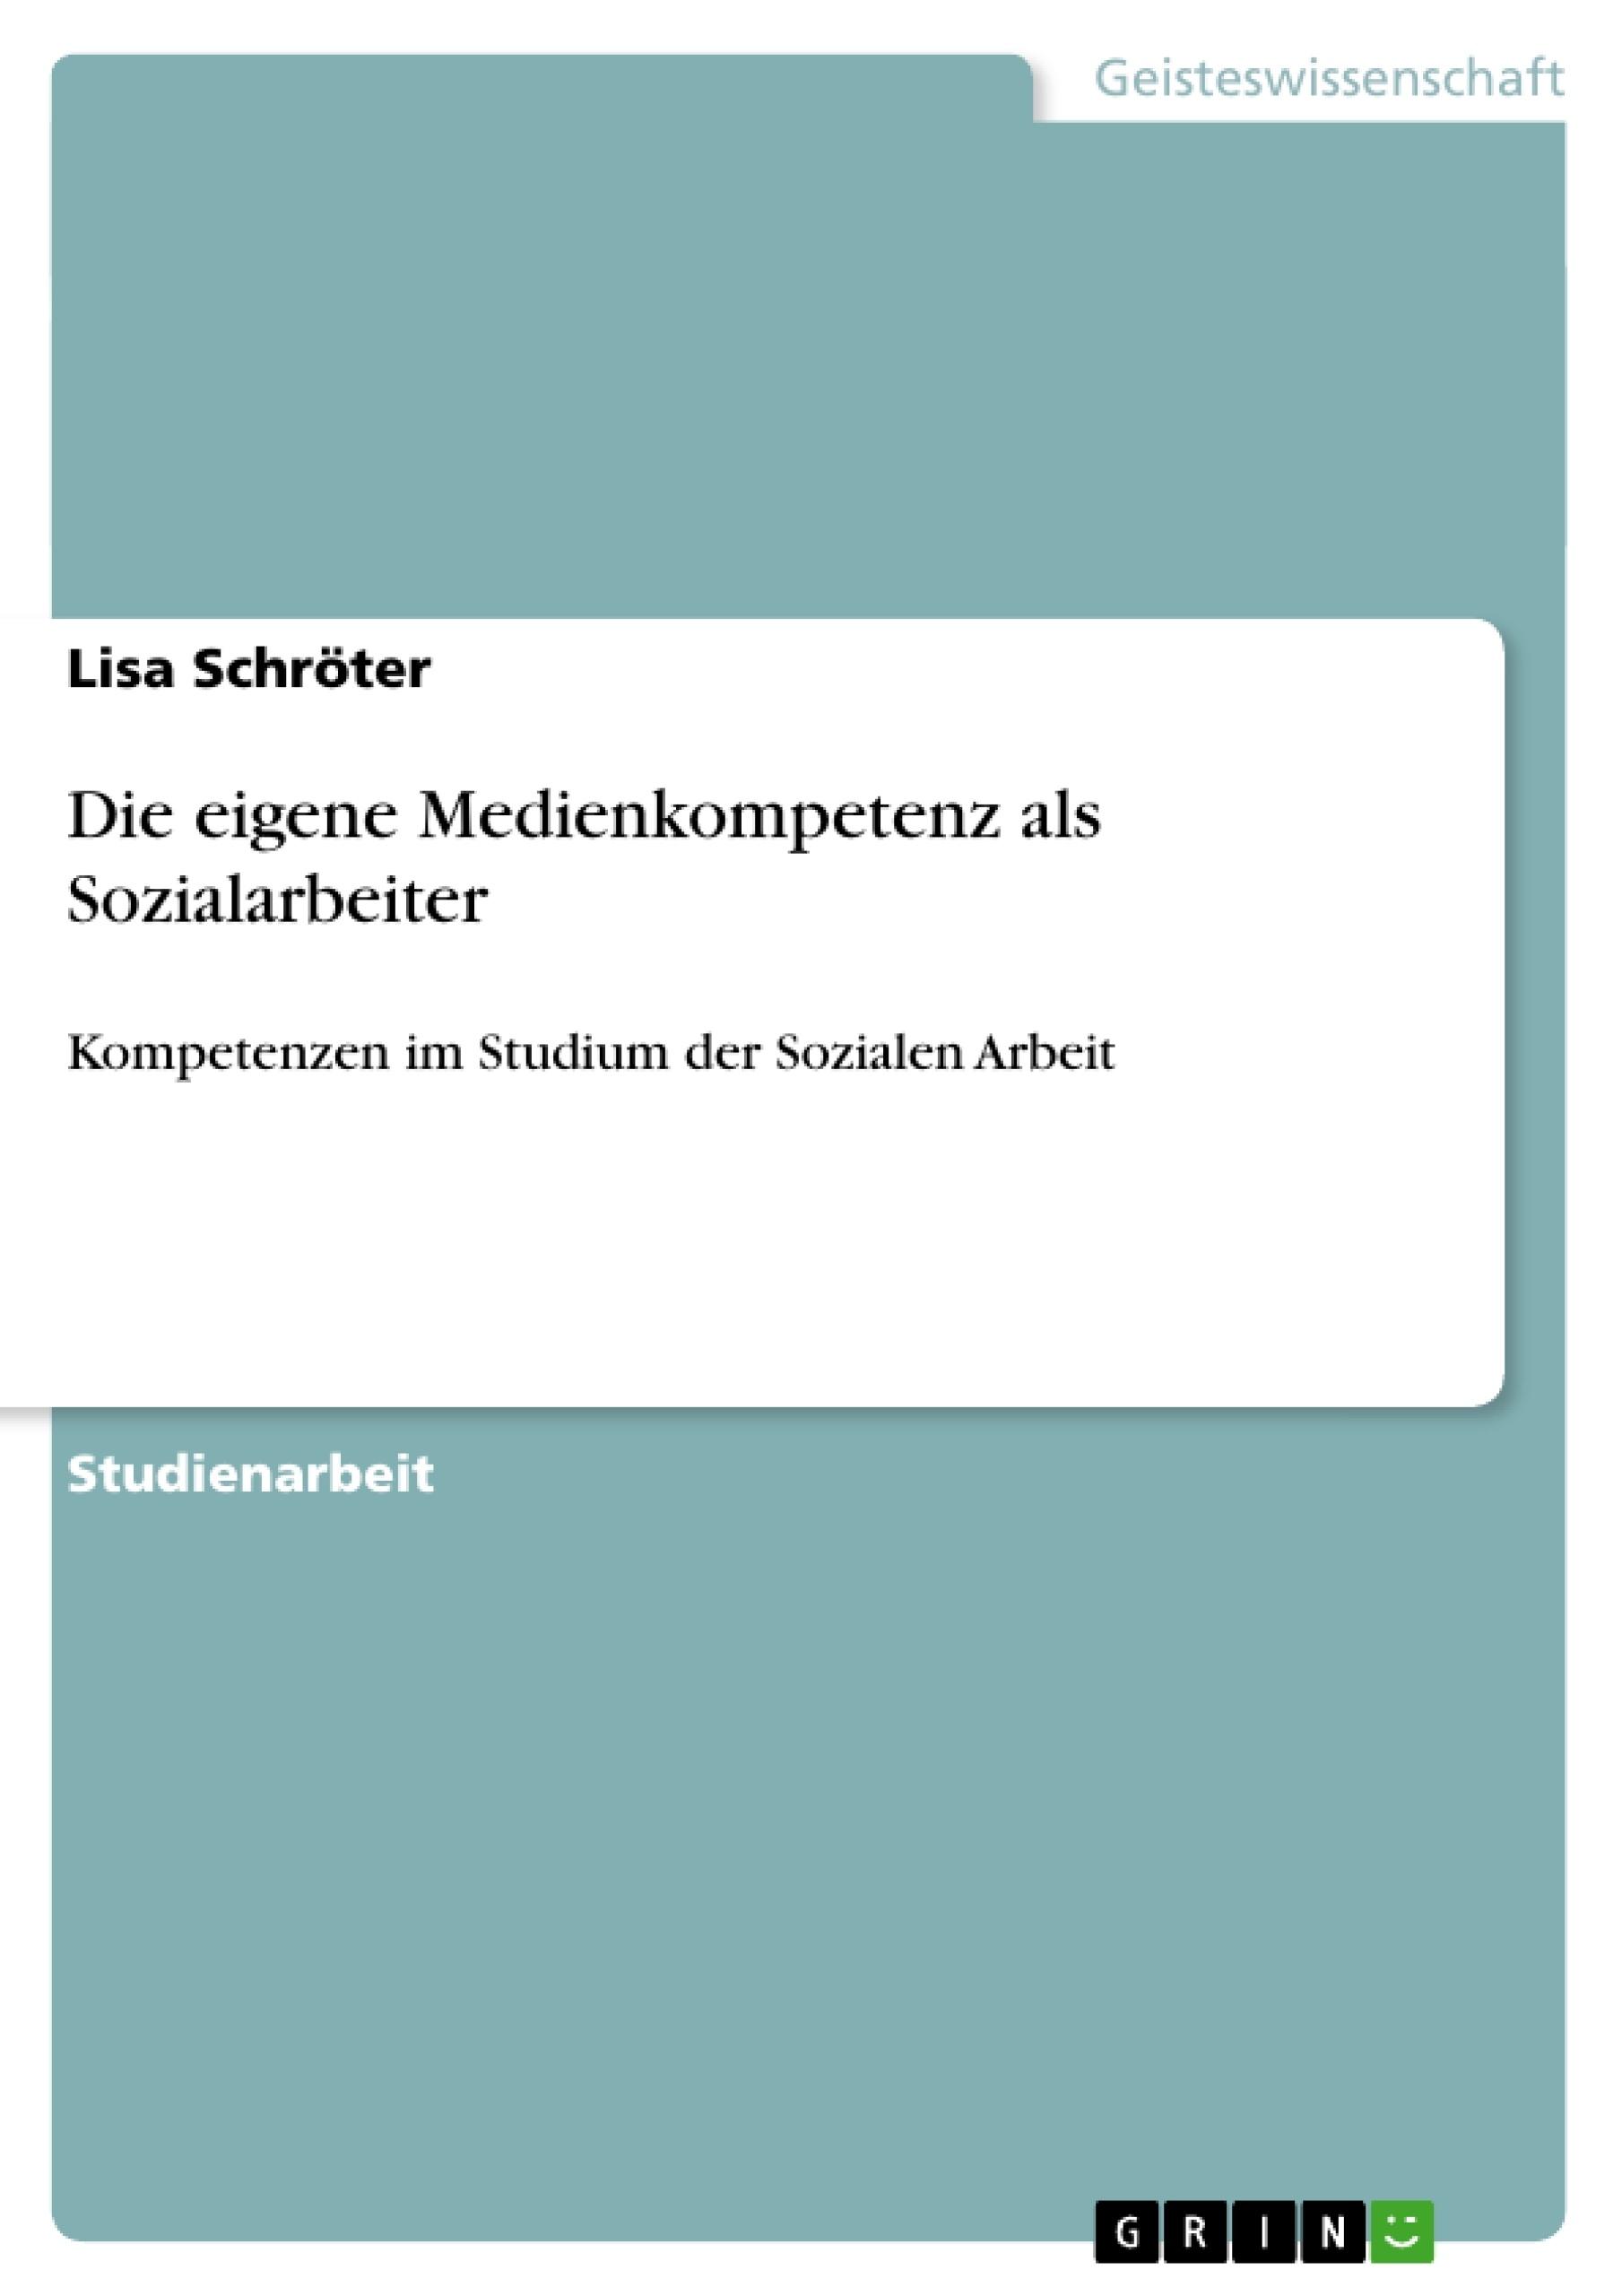 Titel: Die eigene Medienkompetenz als Sozialarbeiter